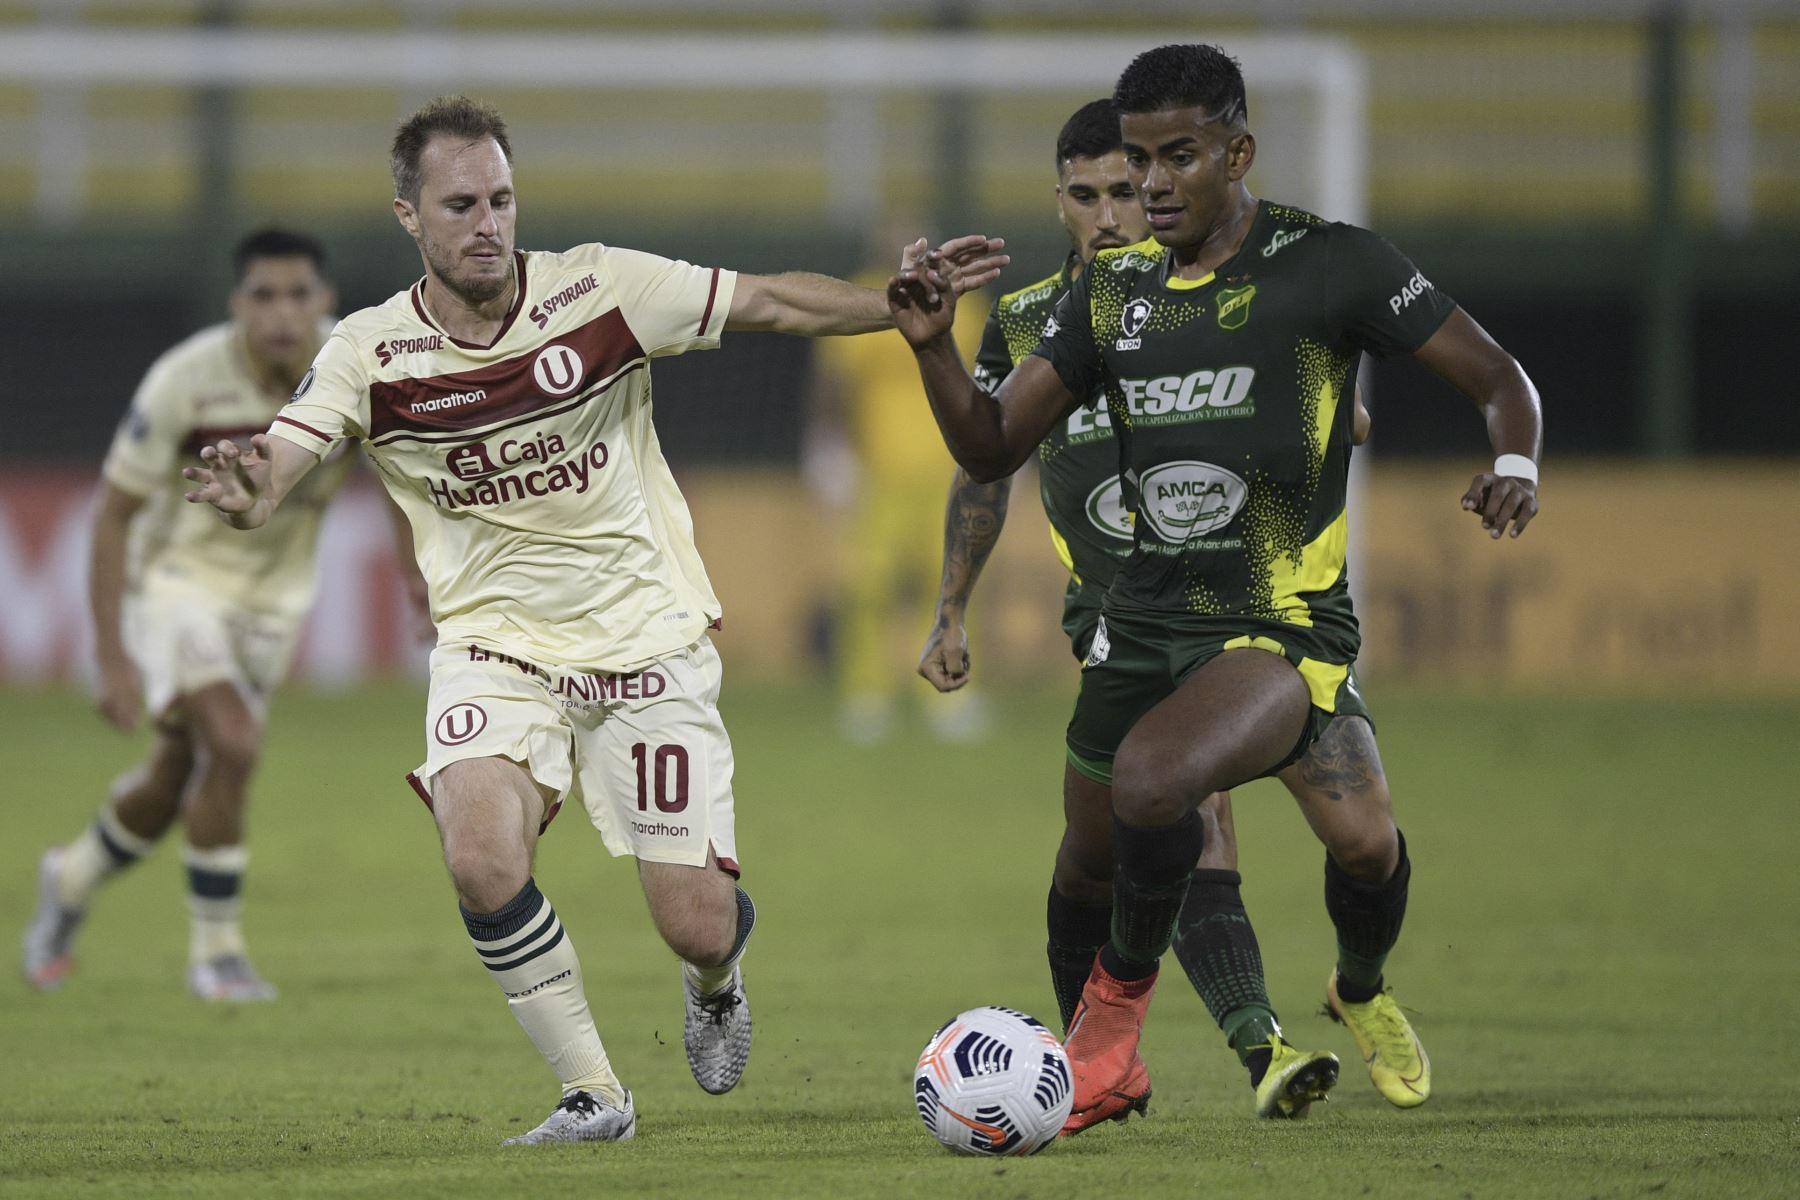 Universitario cayó 3-0 ante Defensa y Justicia por Copa Libertadores   Noticias   Agencia Peruana de Noticias Andina